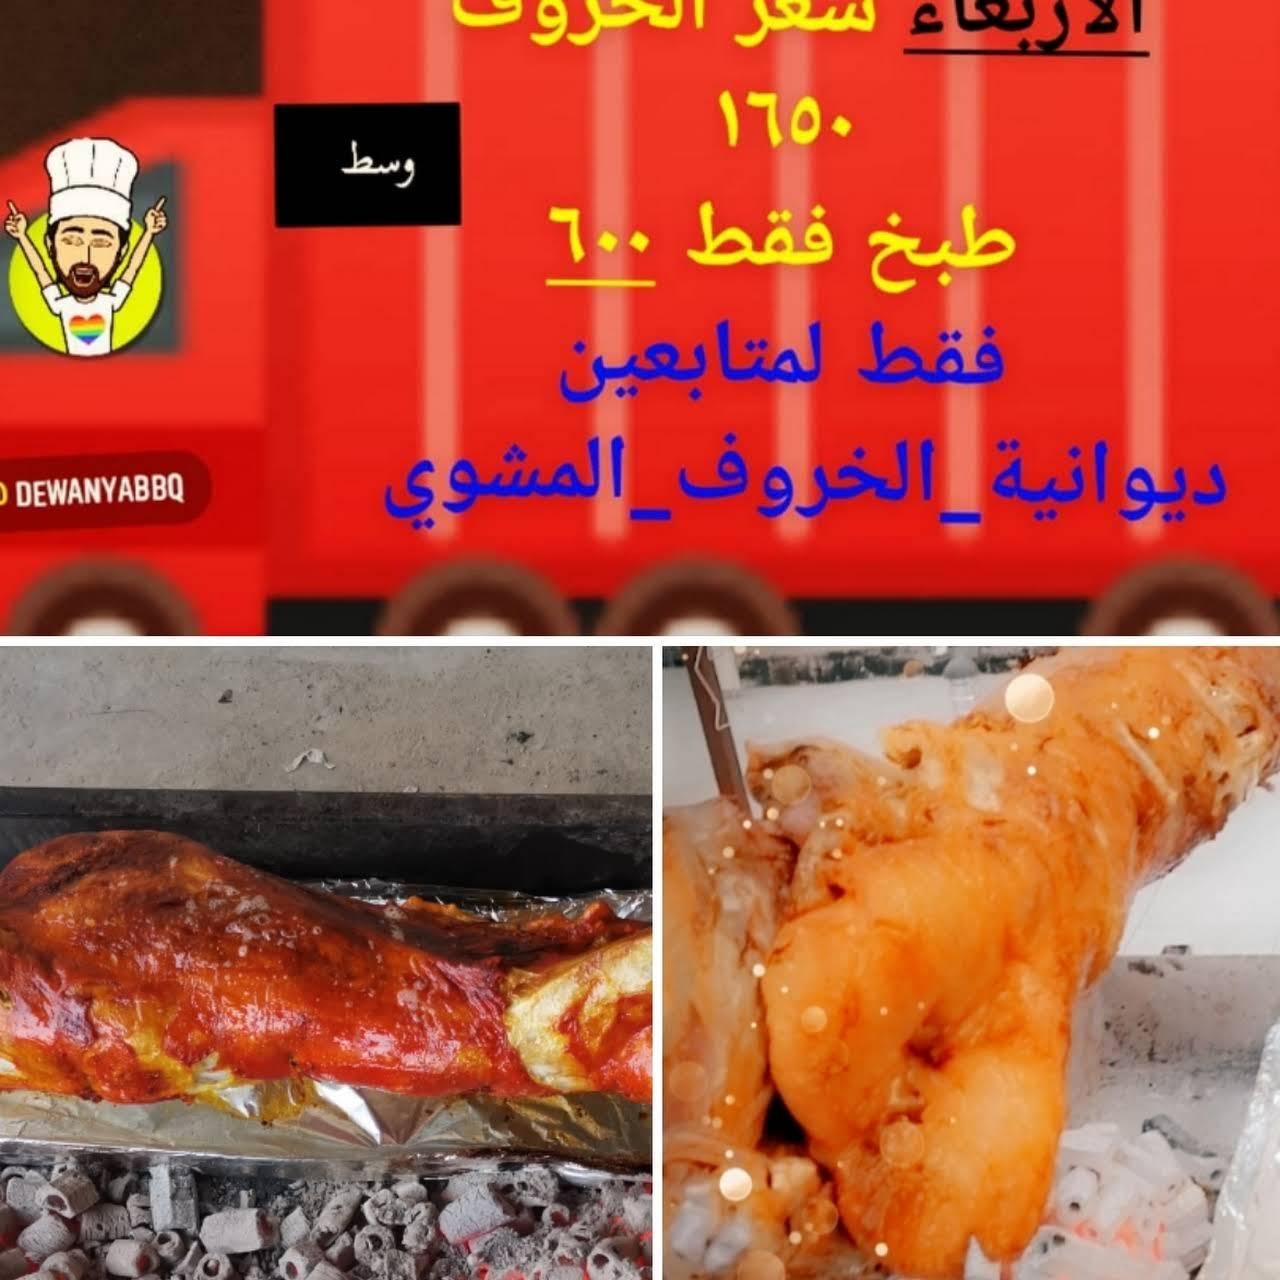 مطبخ ديوانية الخروف المشوي مطعم الخروف المشوي في الرياض والخبر وبالدمام وبالشرقية بالكامل الحجز اولأ